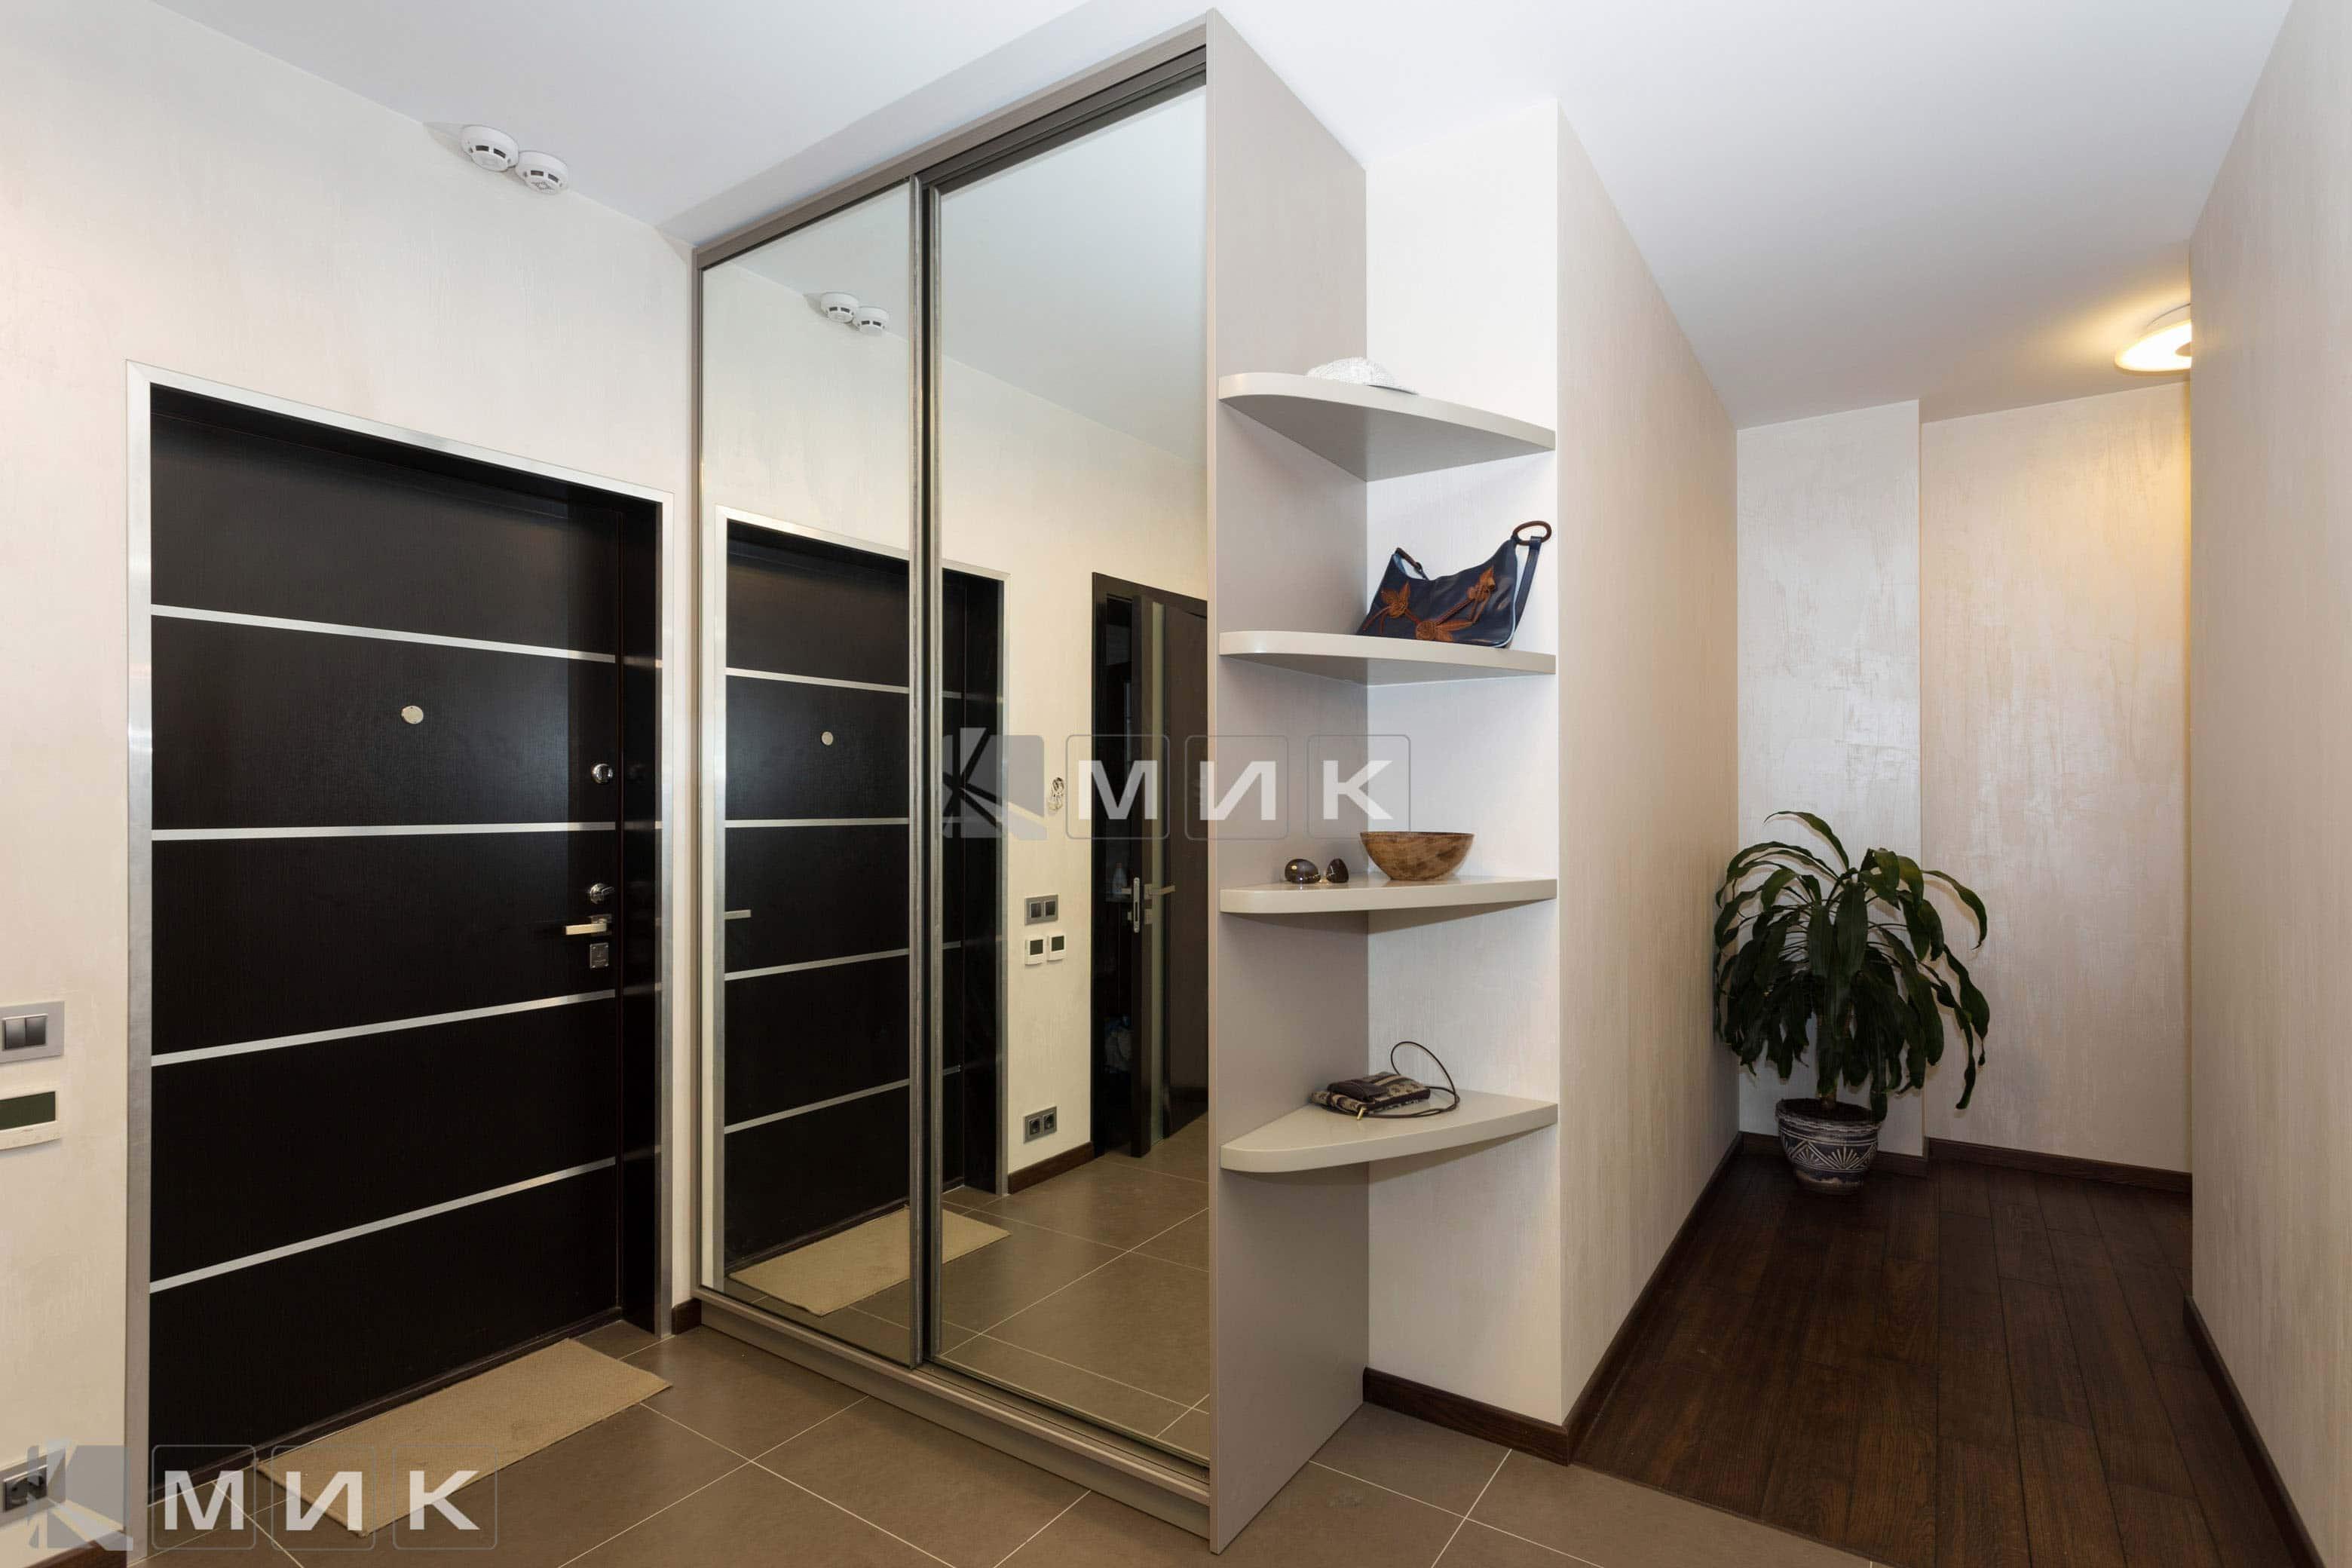 Современный дизайн прихожей в квартире: идеи, фото в интерье.